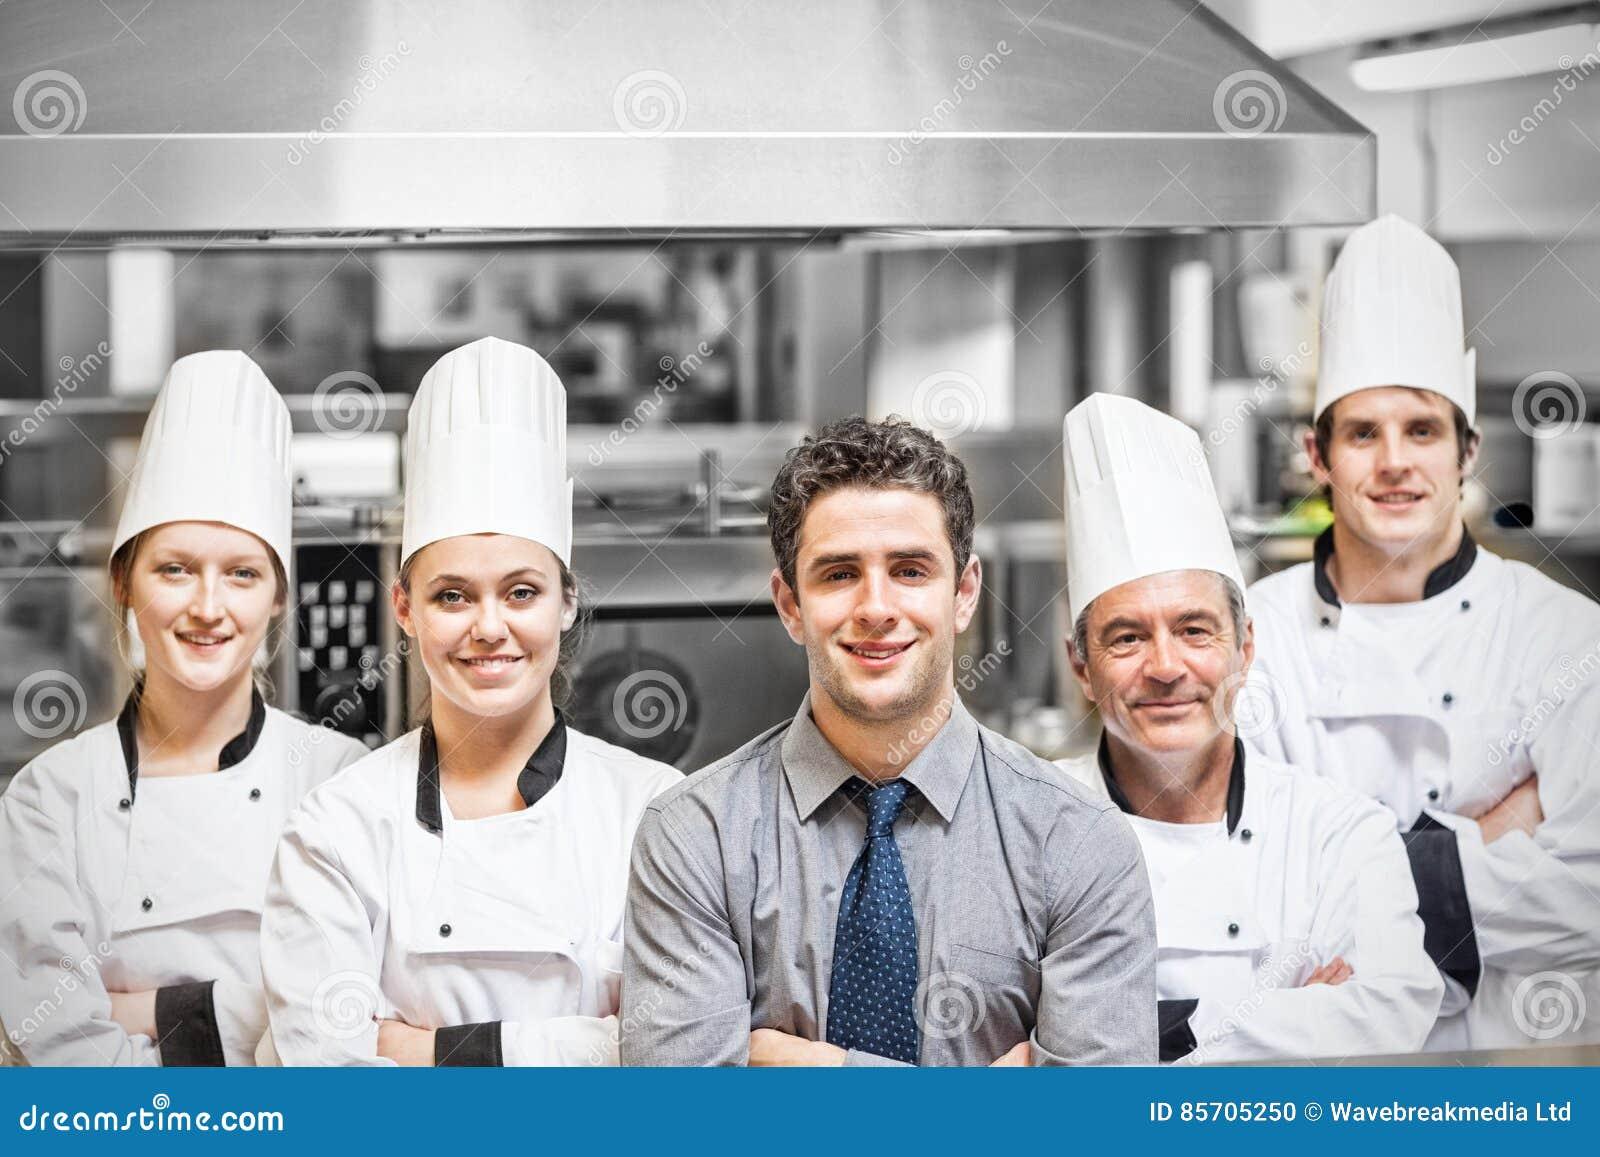 Directeur avec le portrait de chefs dans la cuisine professionnelle